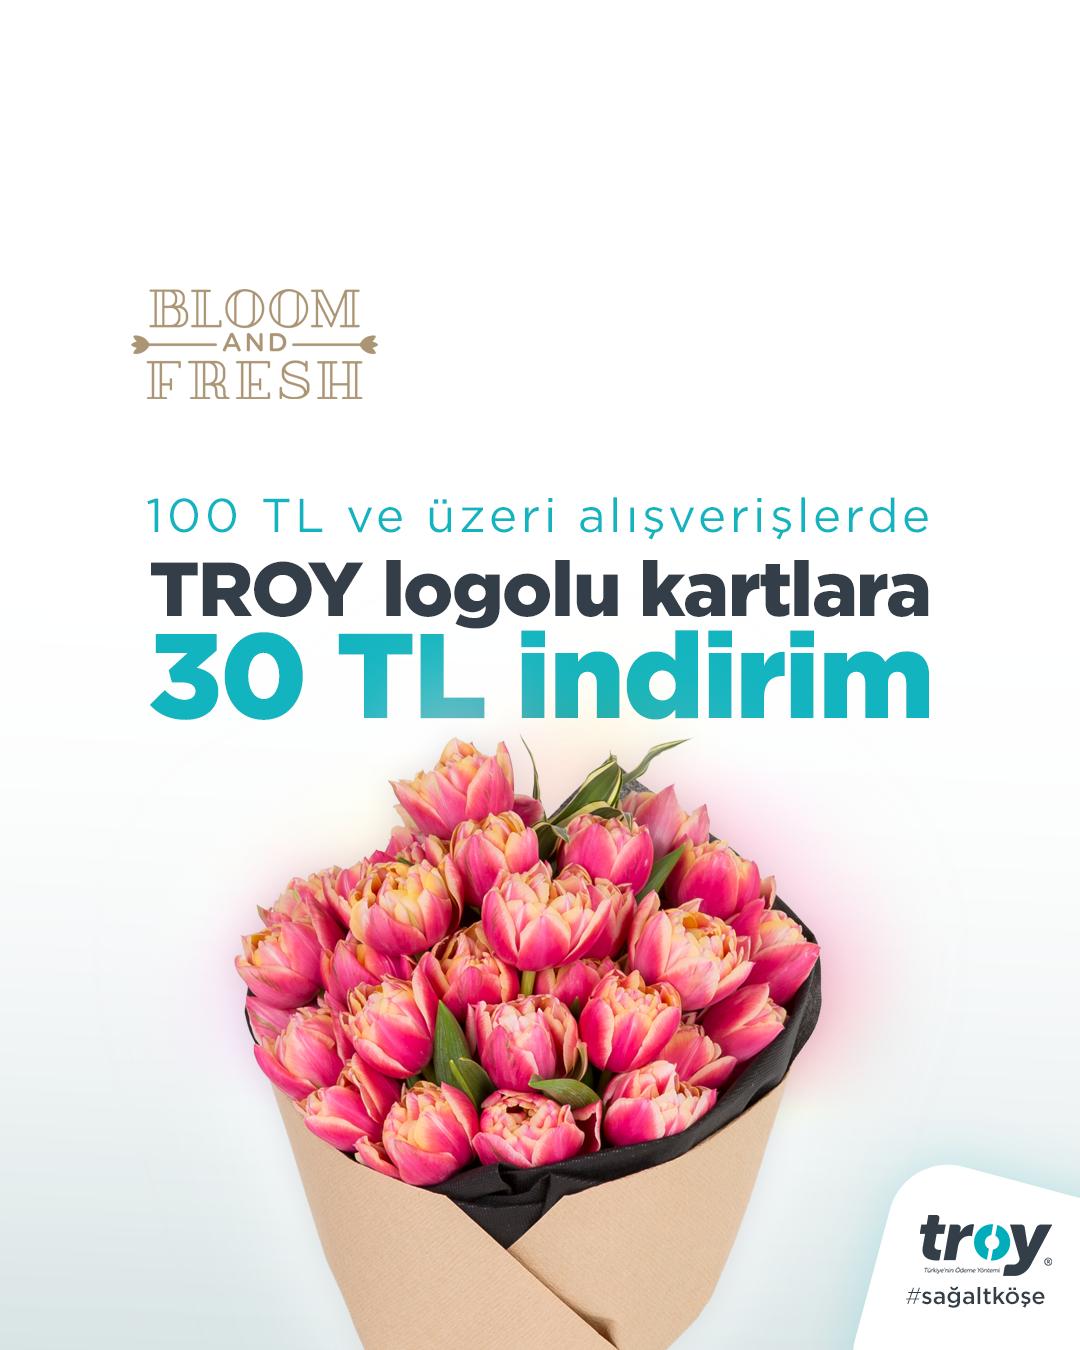 Troy Logolu Kartlara Indirim